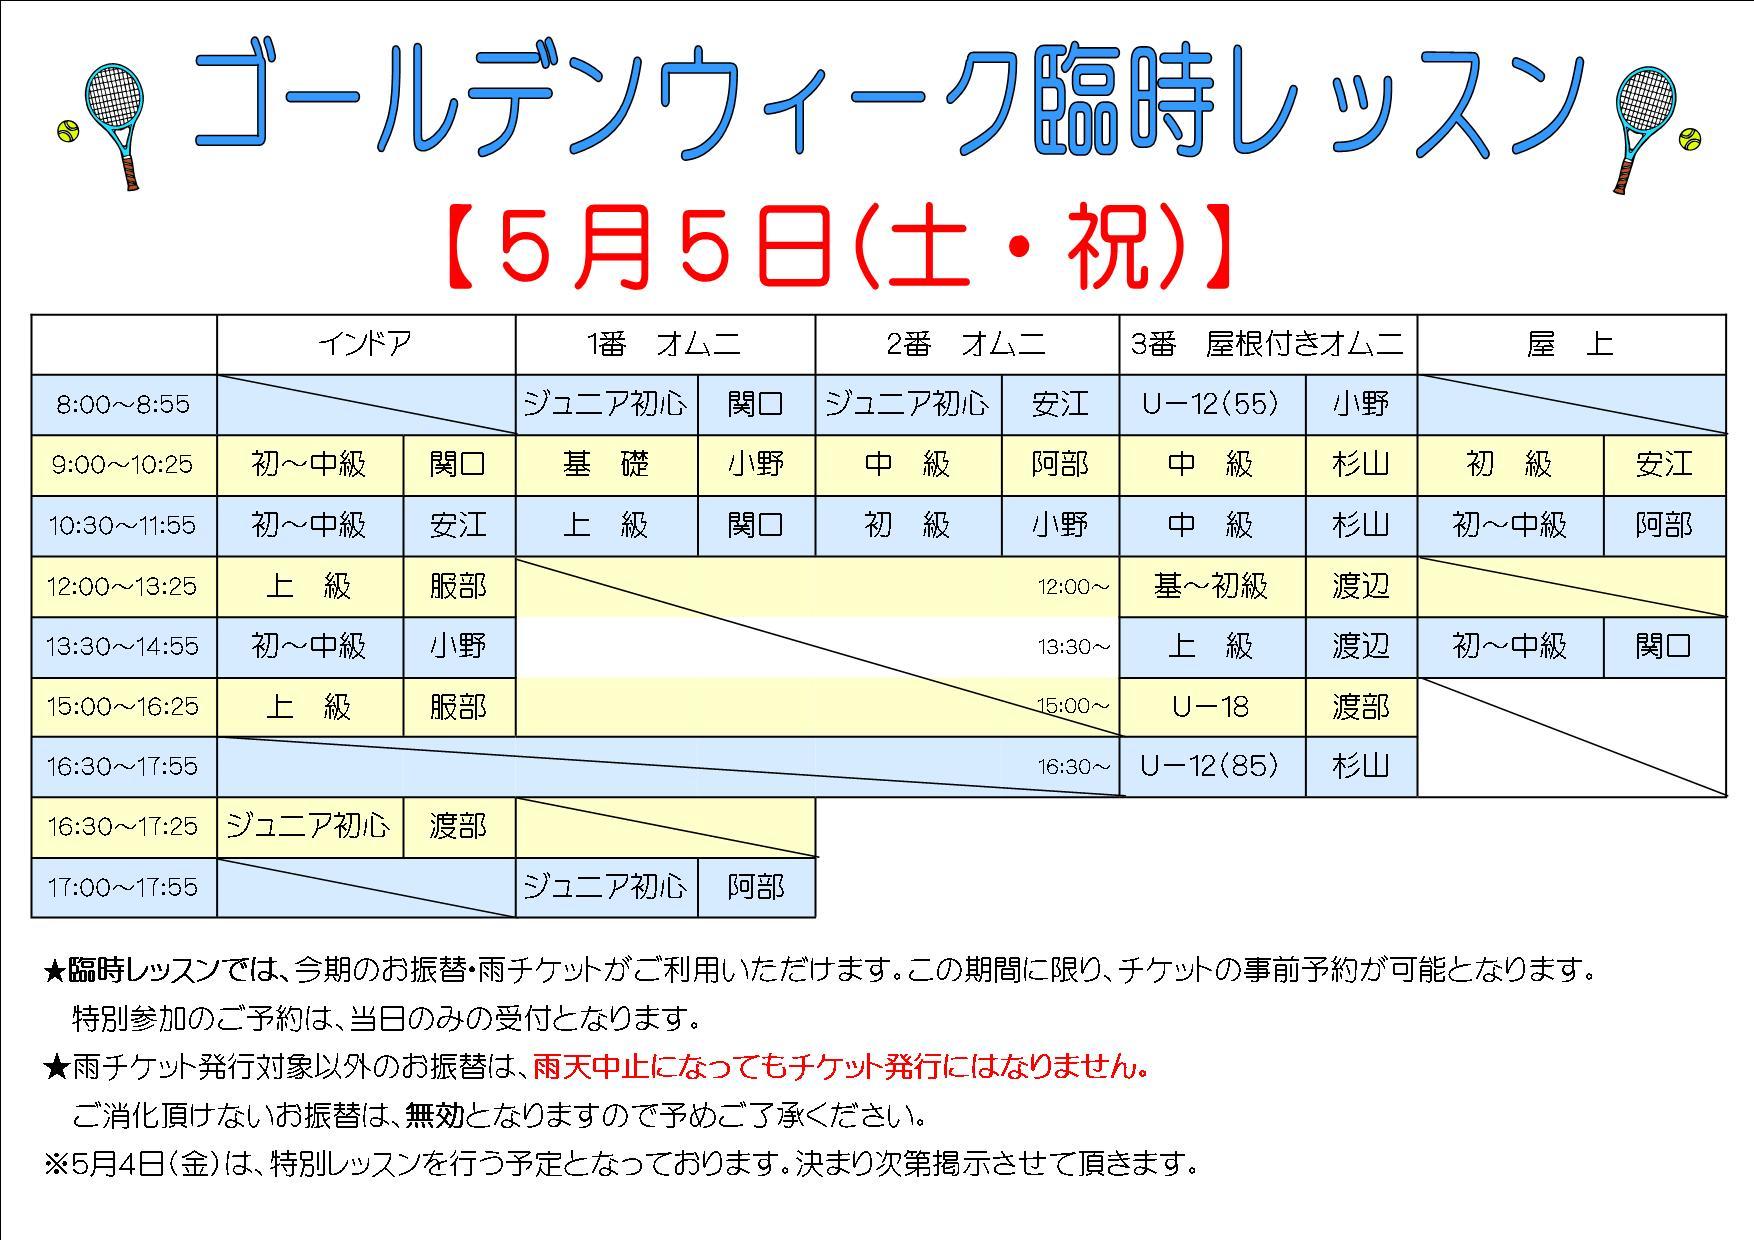 ゴールデンウィーク臨時レッスンのお知らせ【5/5追加】_b0158200_19372776.jpg